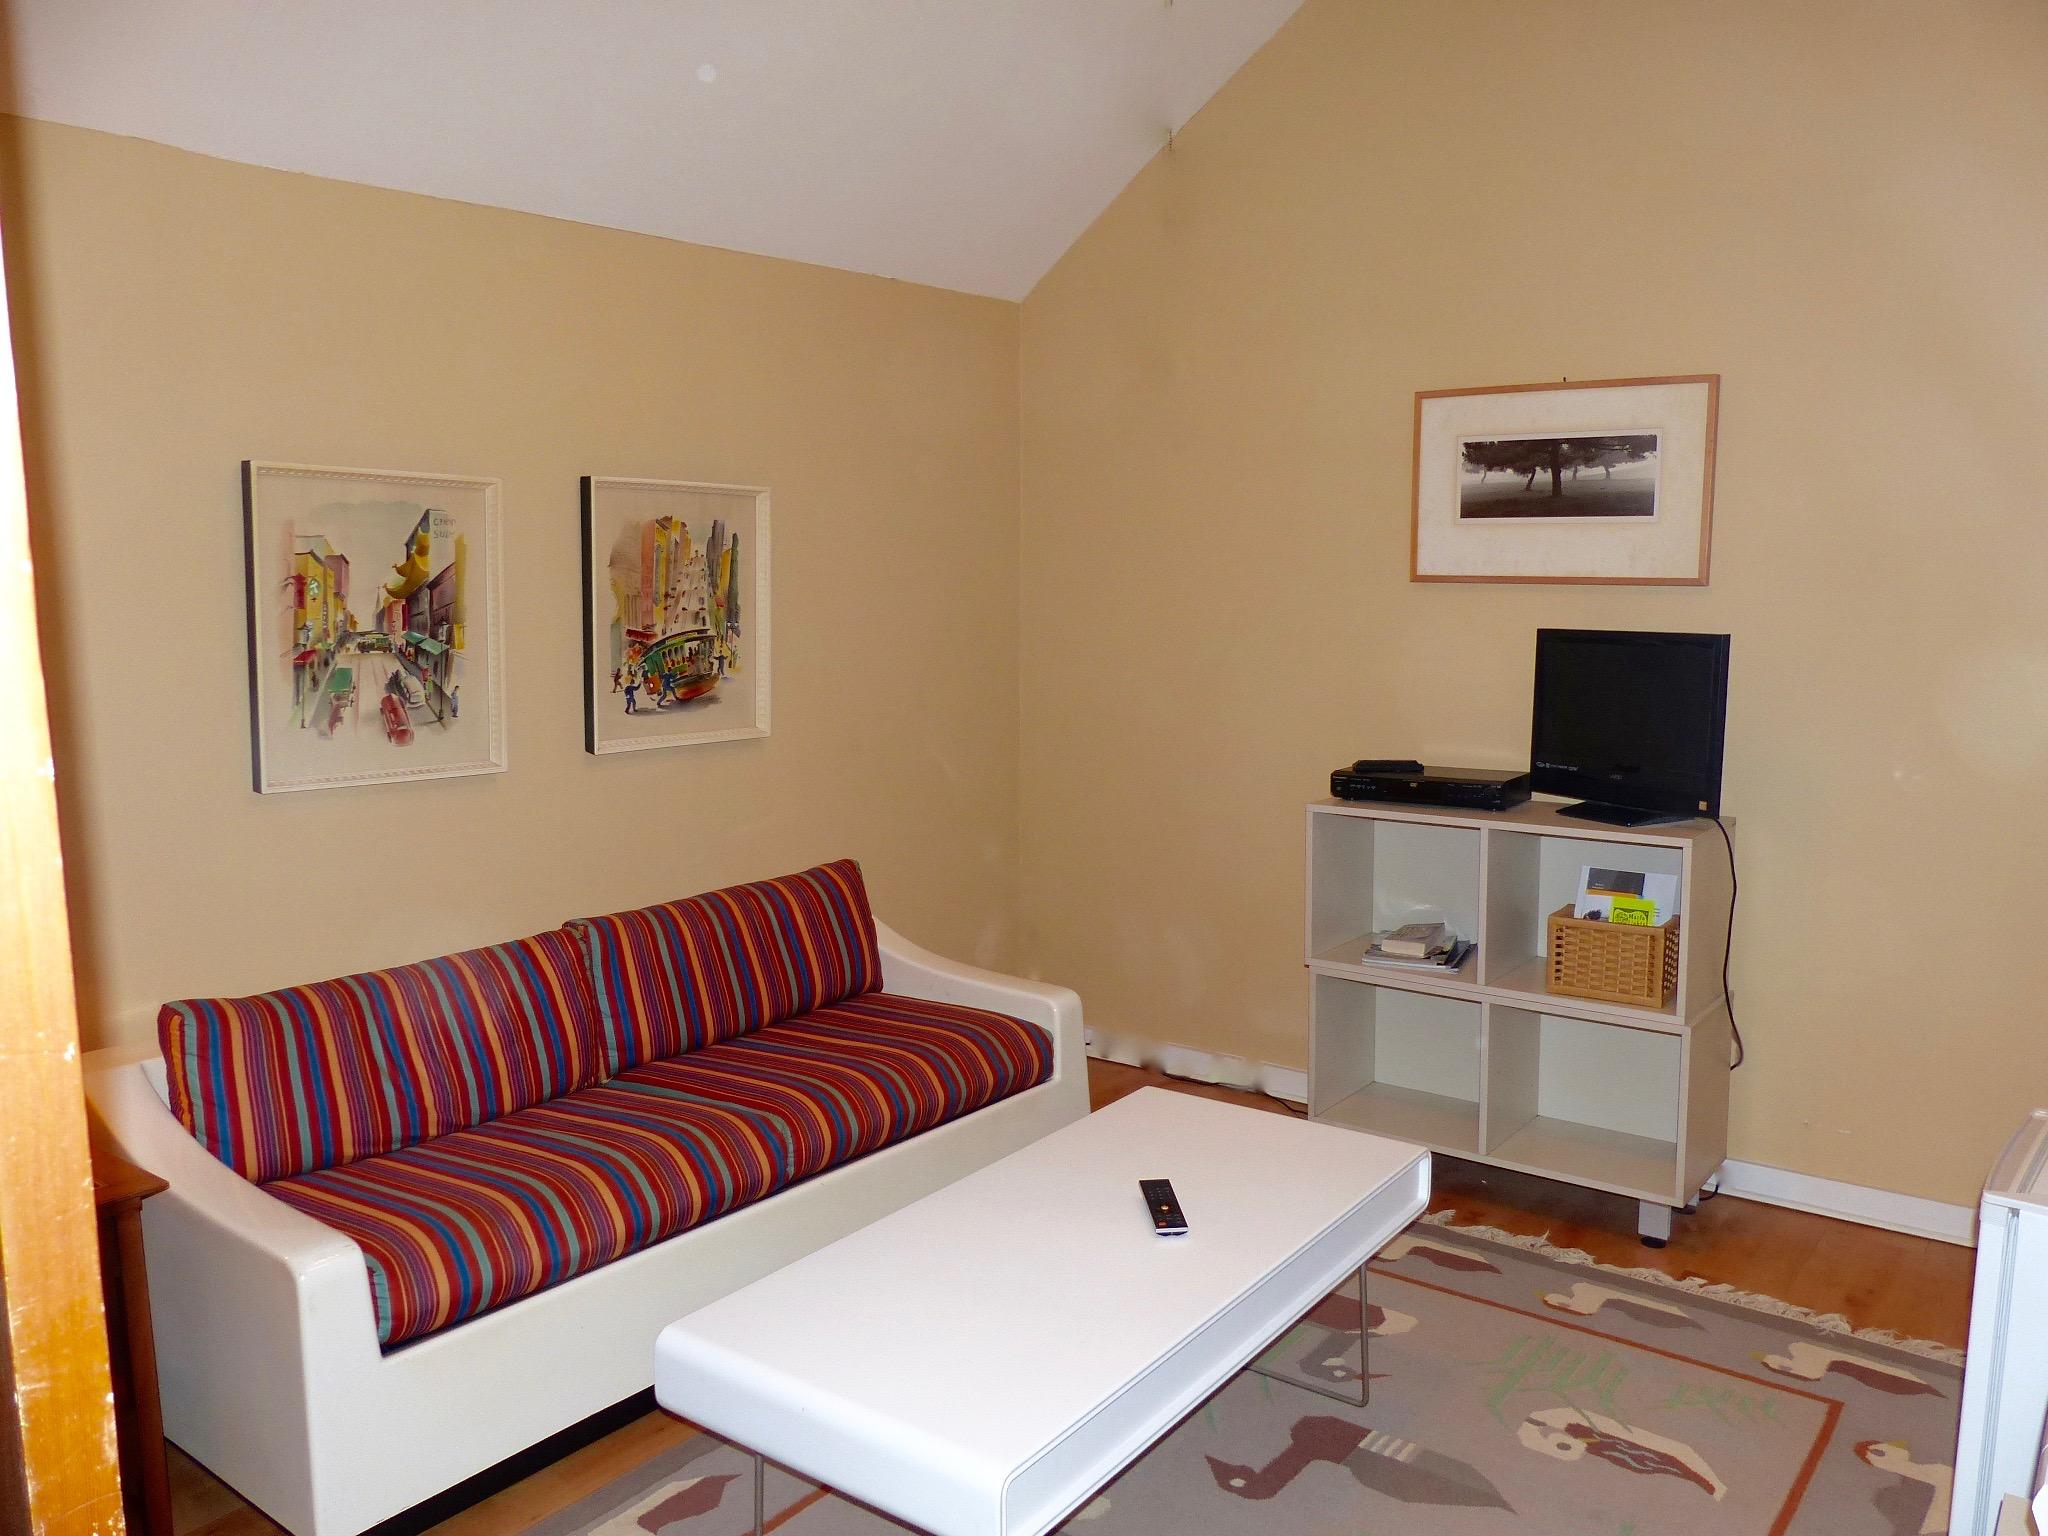 casita couch.jpg